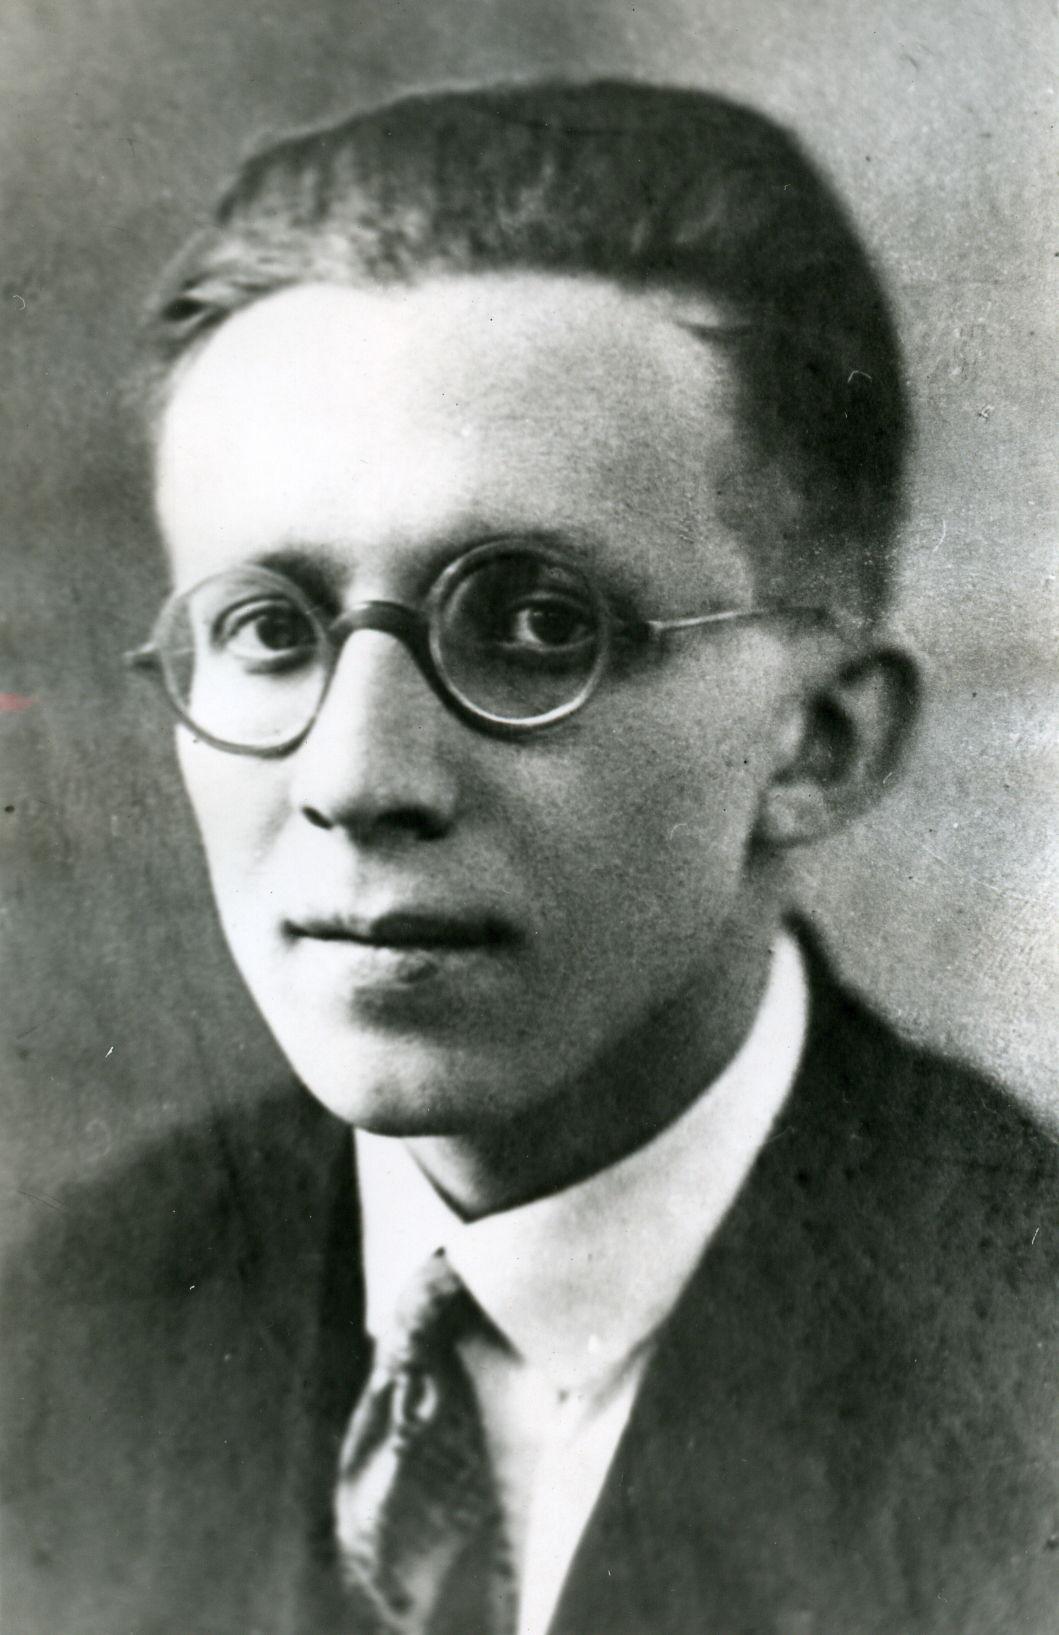 Портрет М.М. Русинова (1909-2004), 1946 год.